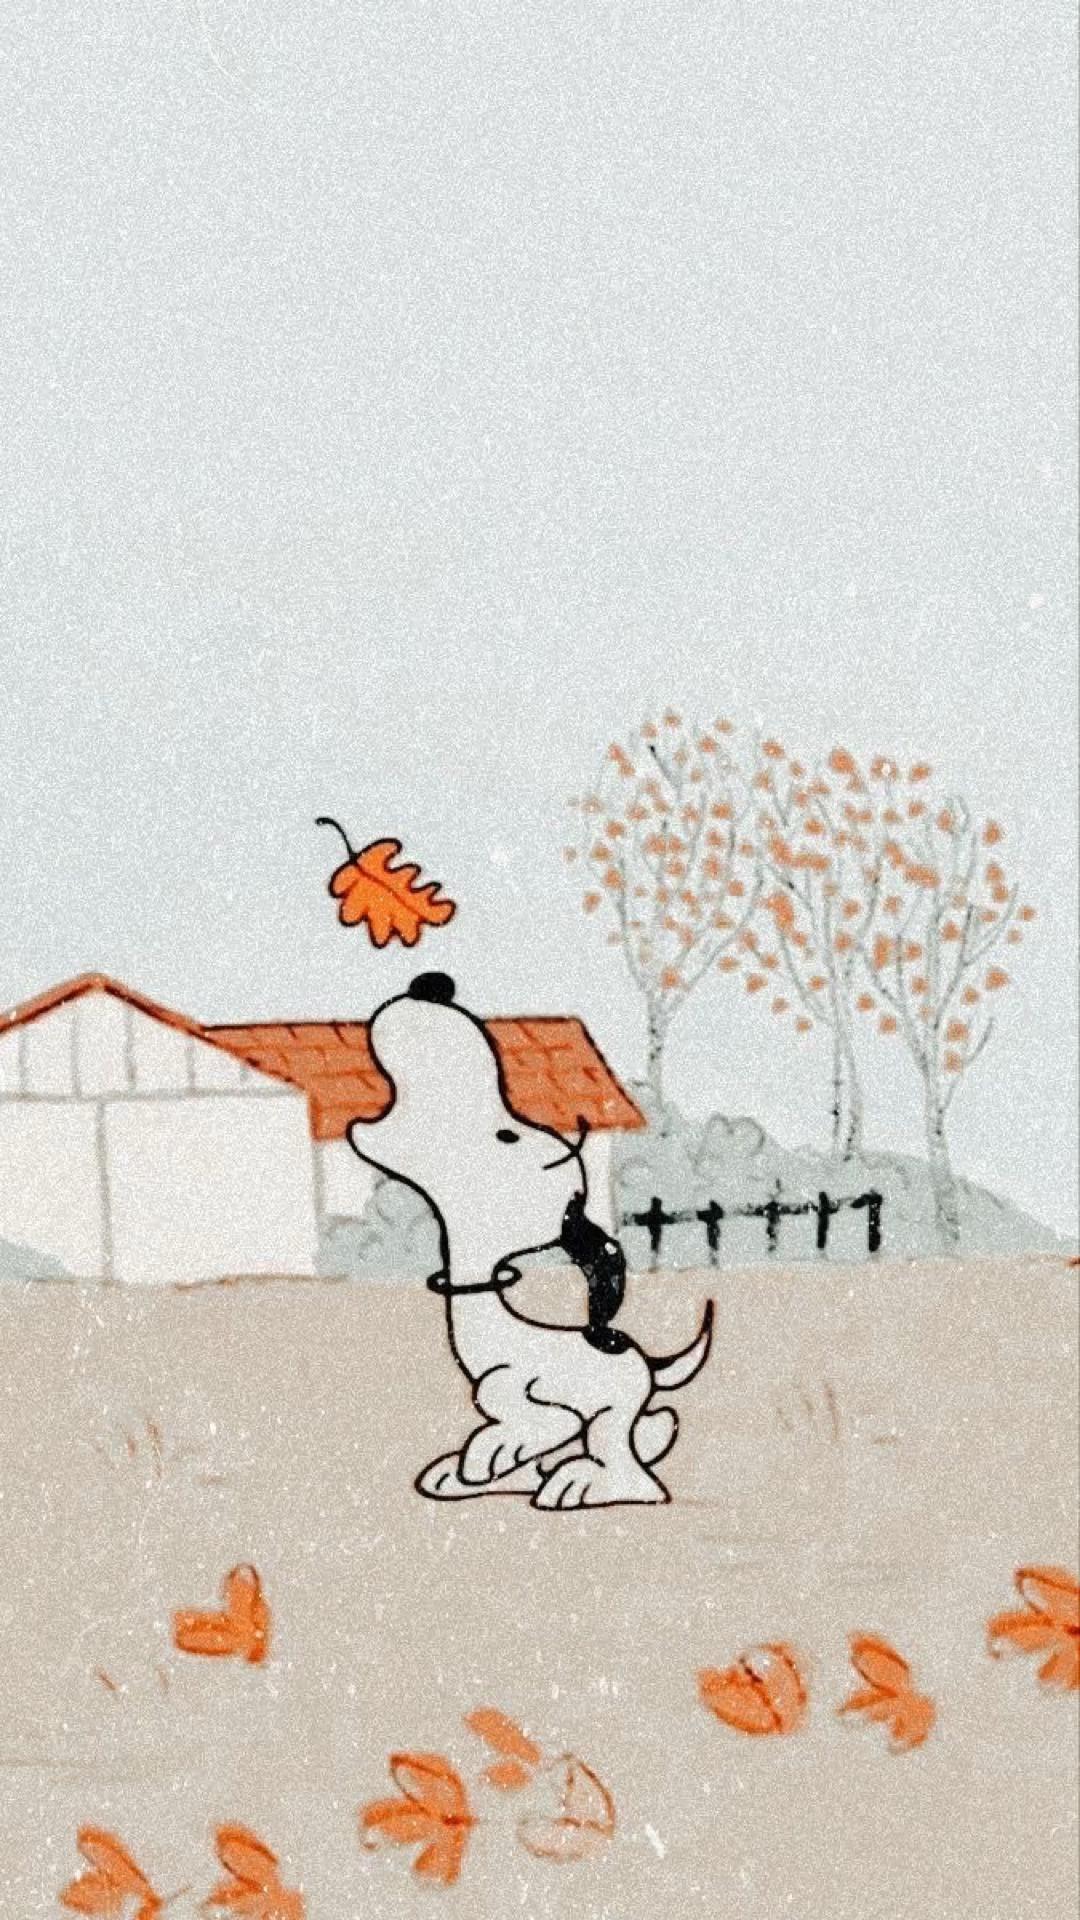 Peanuts wallpaper (fall themed) 🍁